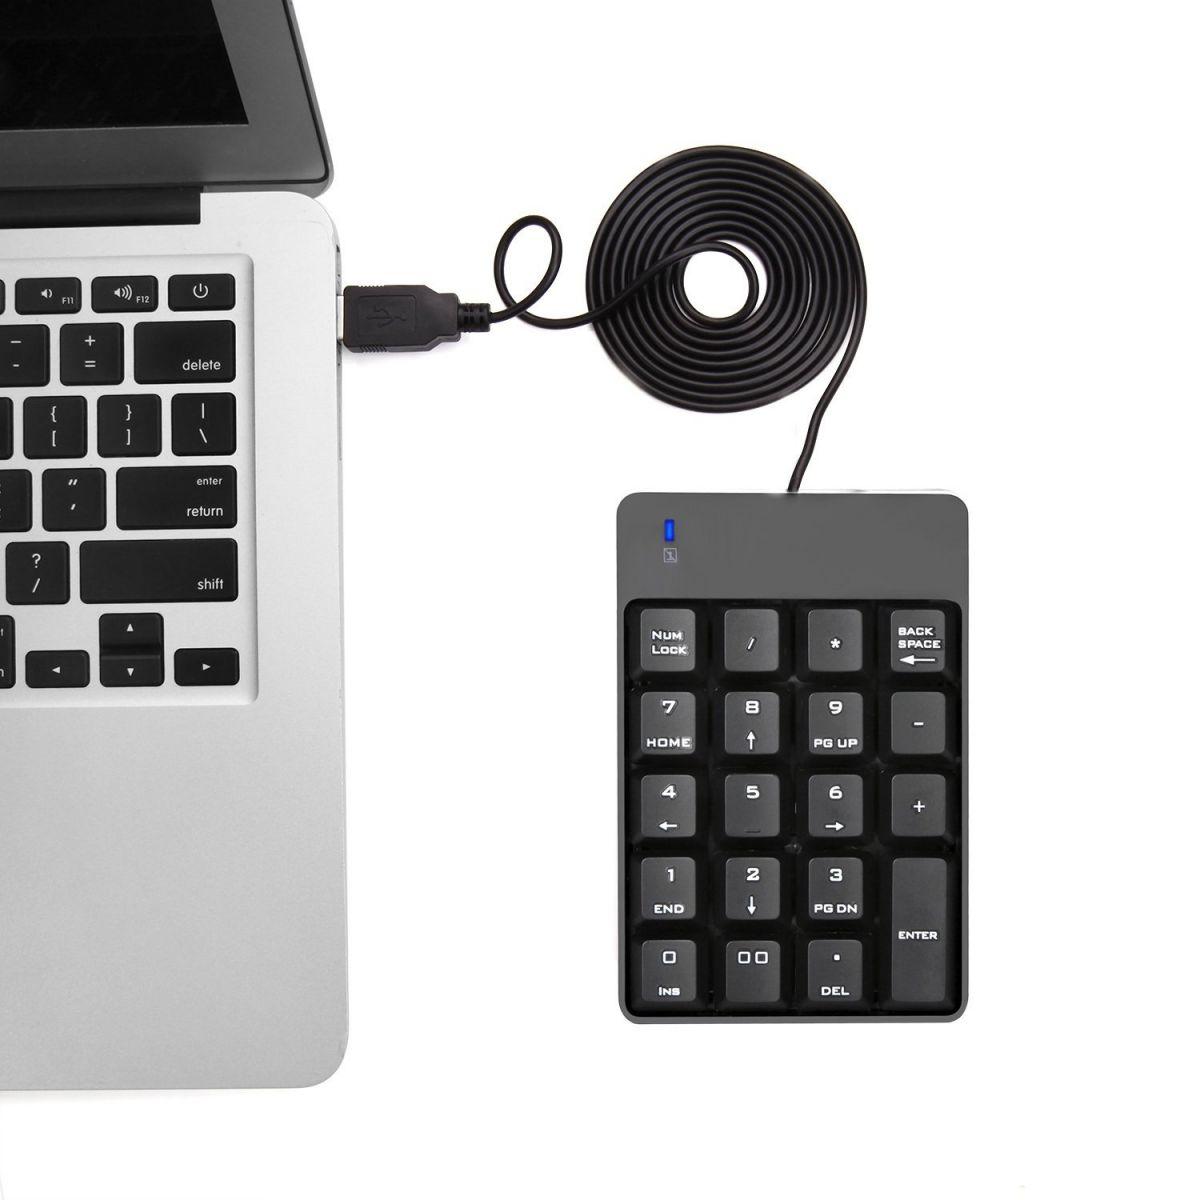 Bàn Phím Số Rời Cổng Usb Chuyên Dùng Cho Laptop, Máy Tính